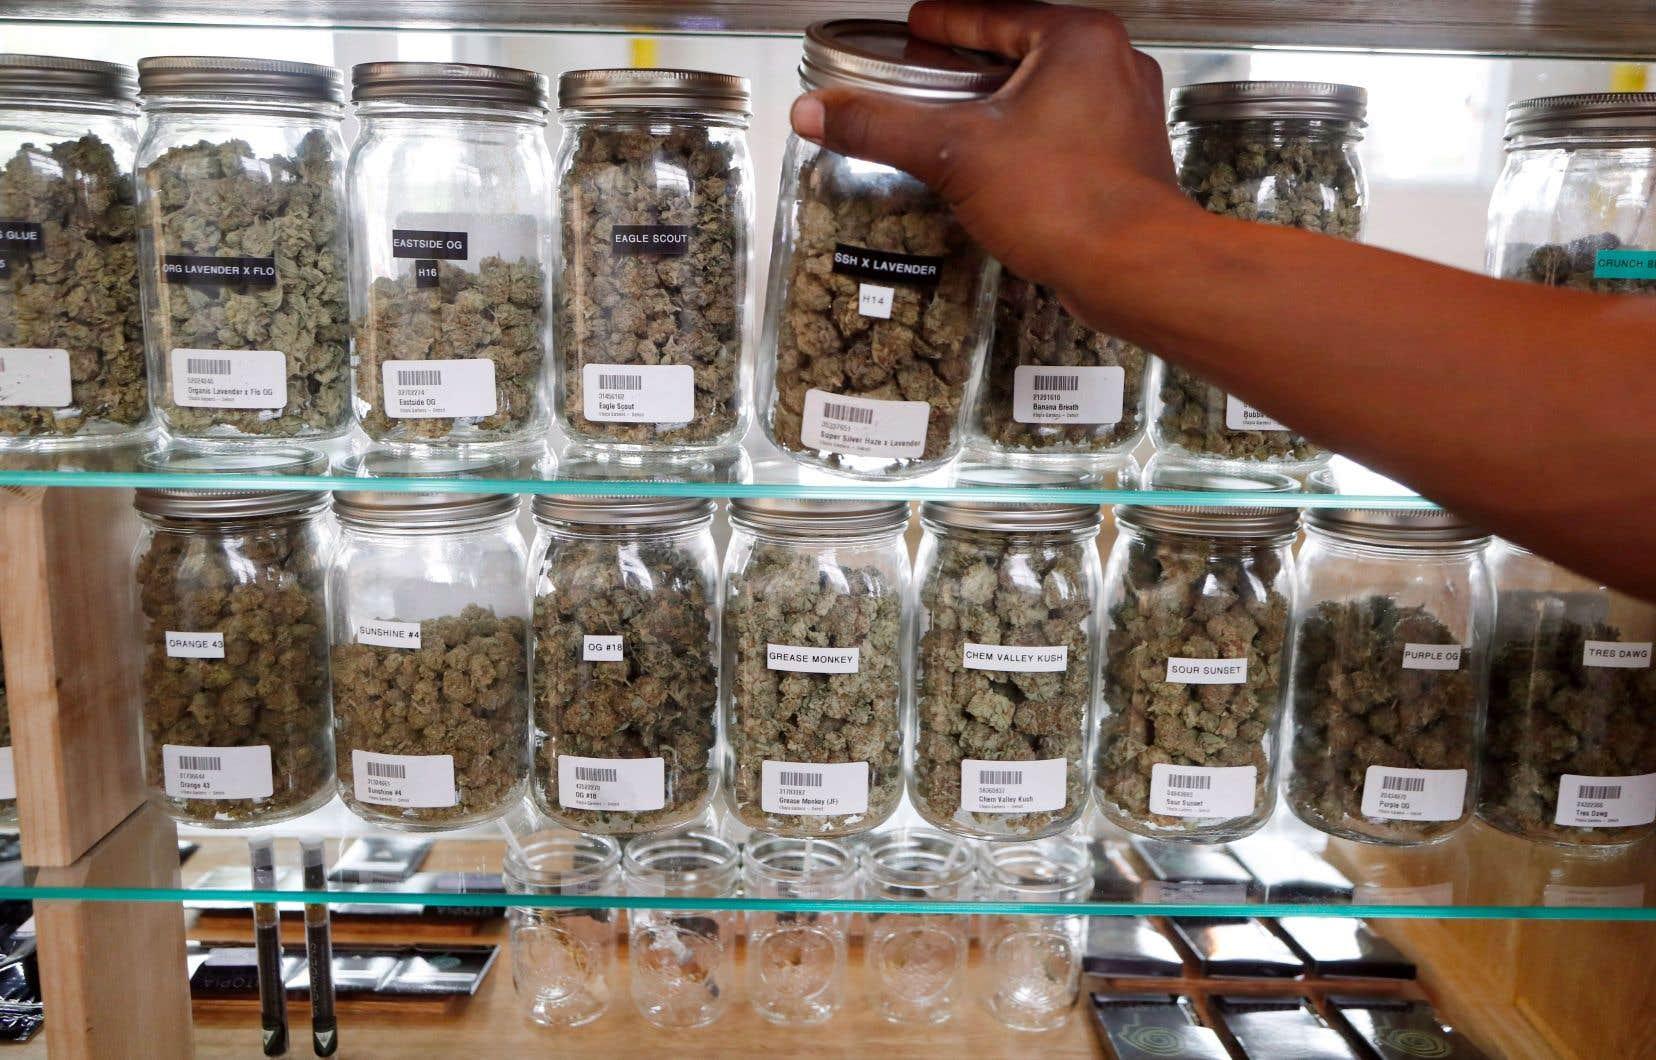 Le cannabis médical était déjà légal au Michigan, comme dans 29 autres États. Il l'est maintenant dans 2 États de plus.